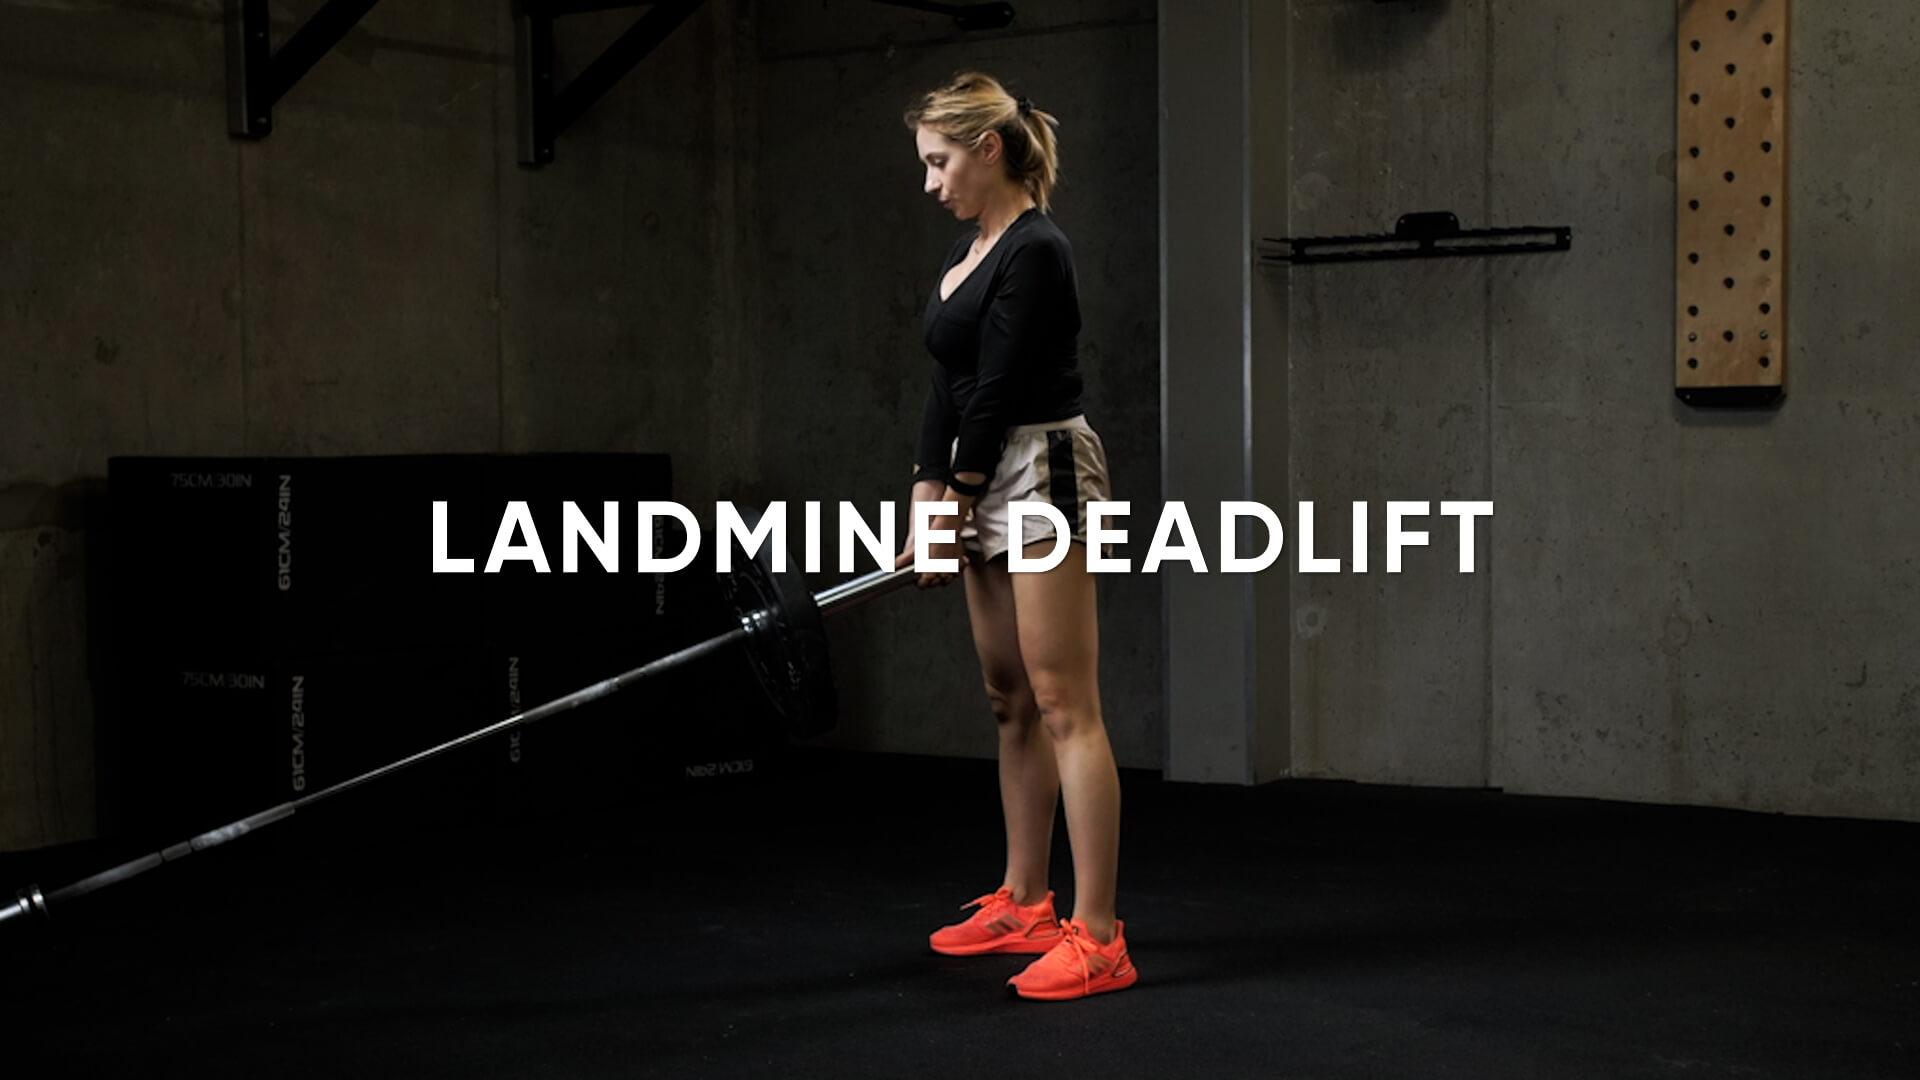 Landmine Deadlift